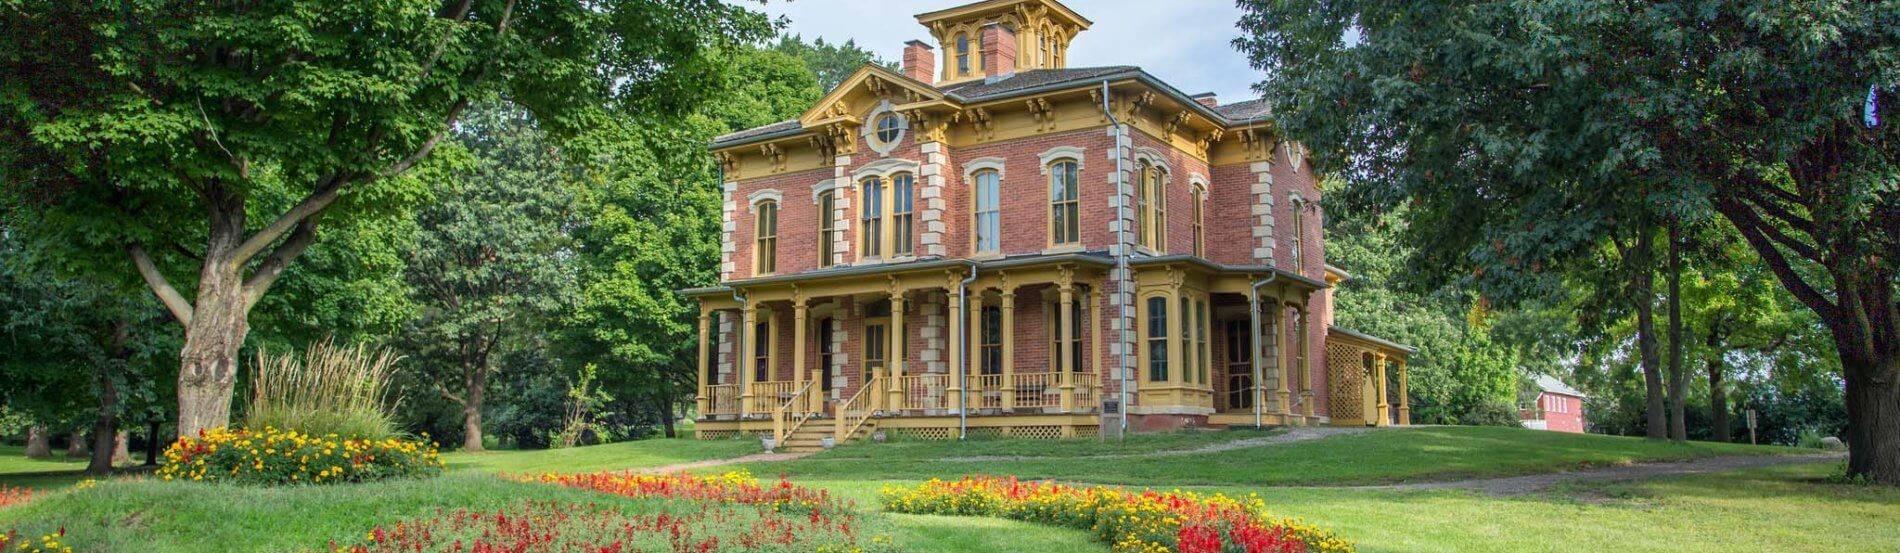 flynn mansion